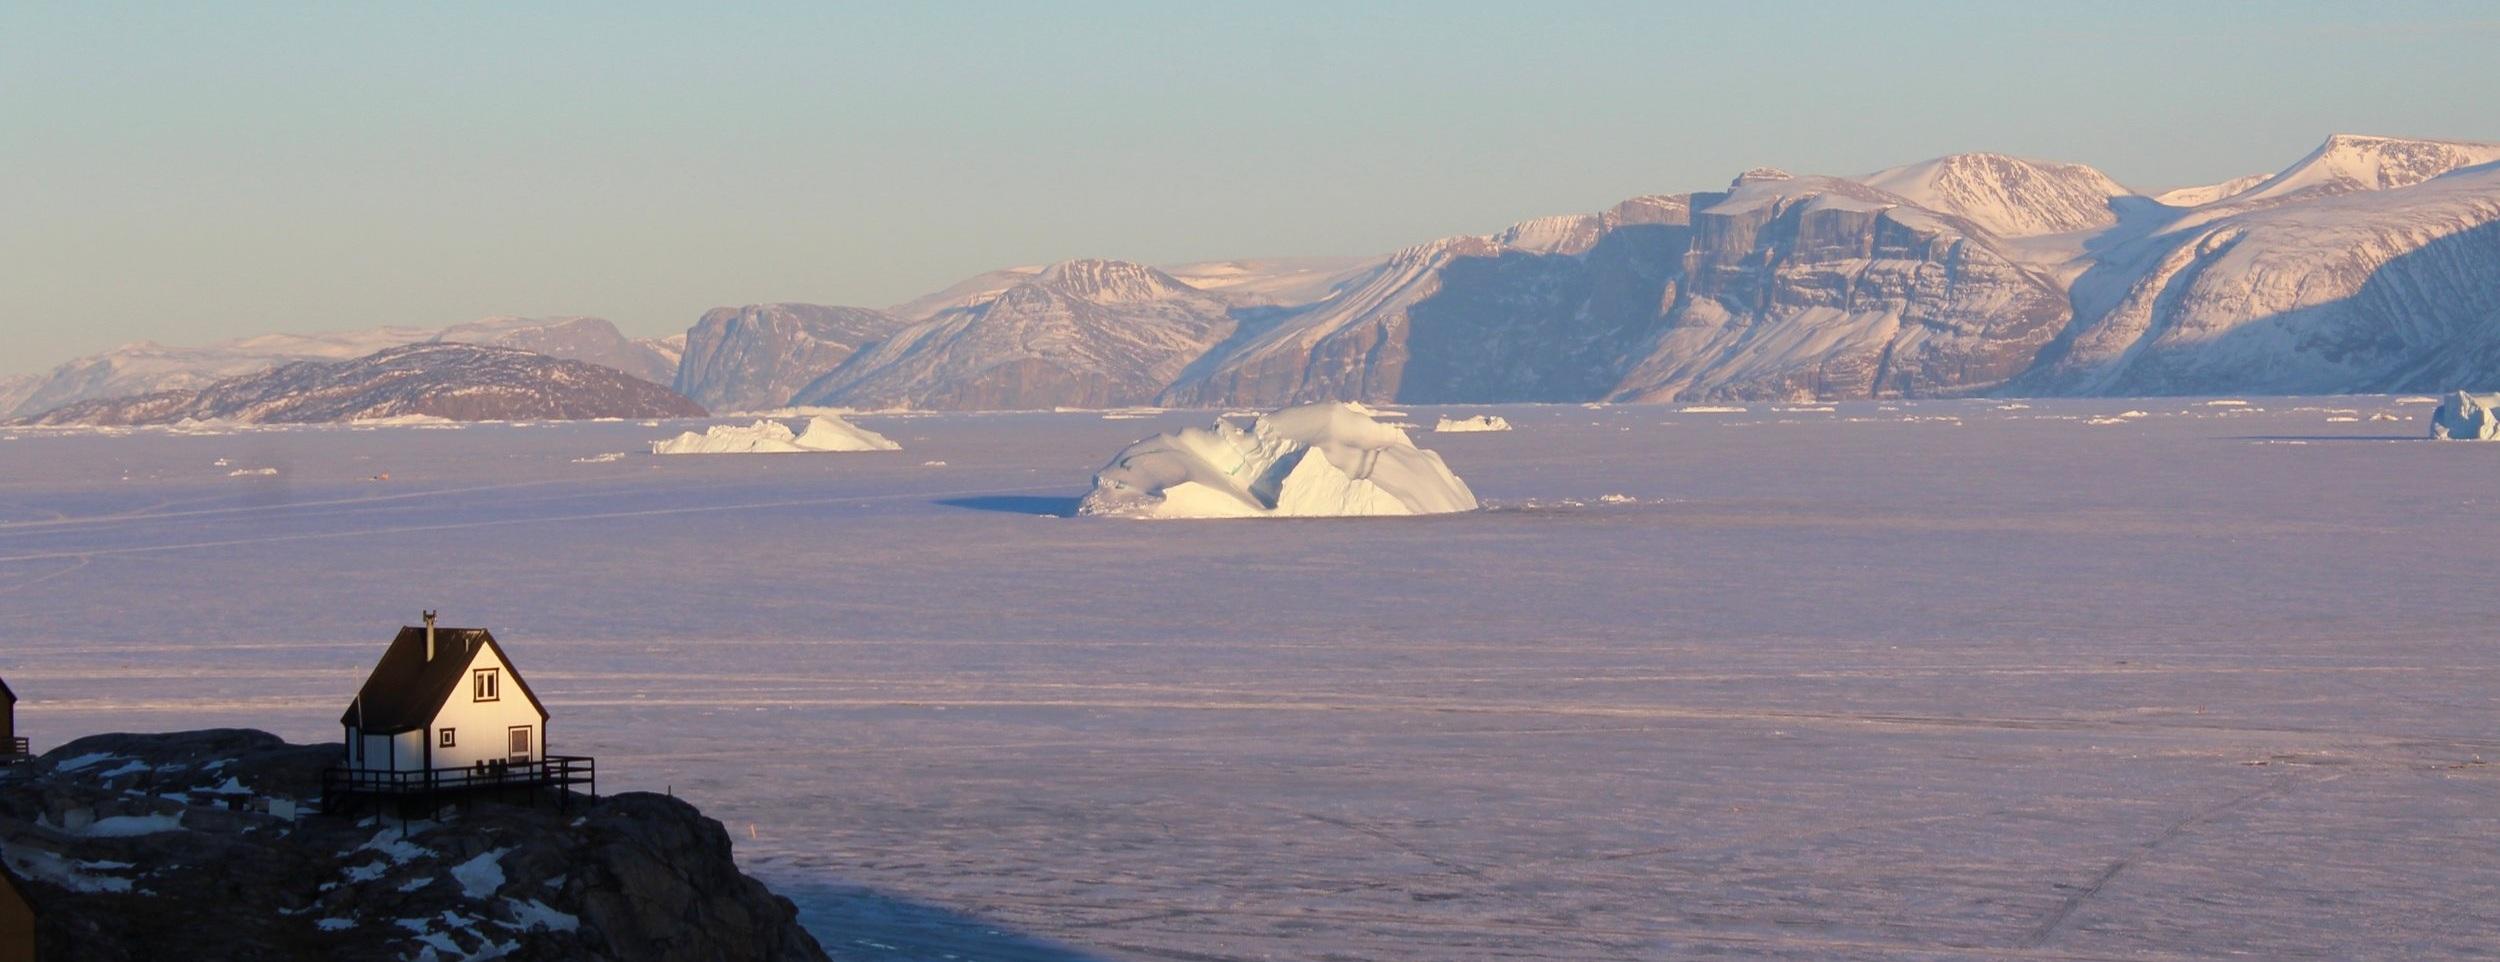 Uummannaq, Greenland, April 2019